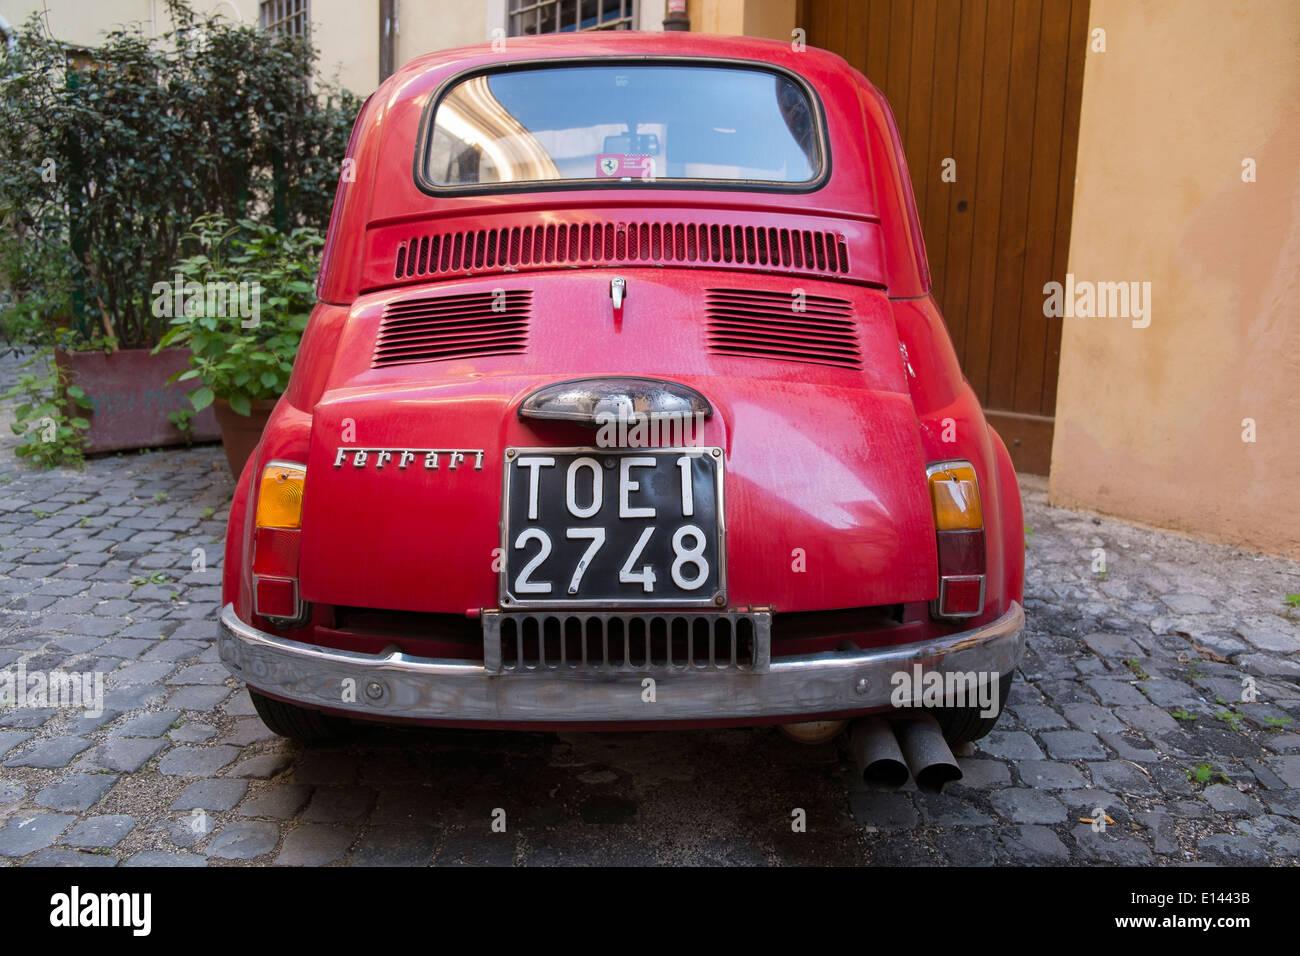 Fiat 500 Ferrari Cinquecento Stock Photo Alamy